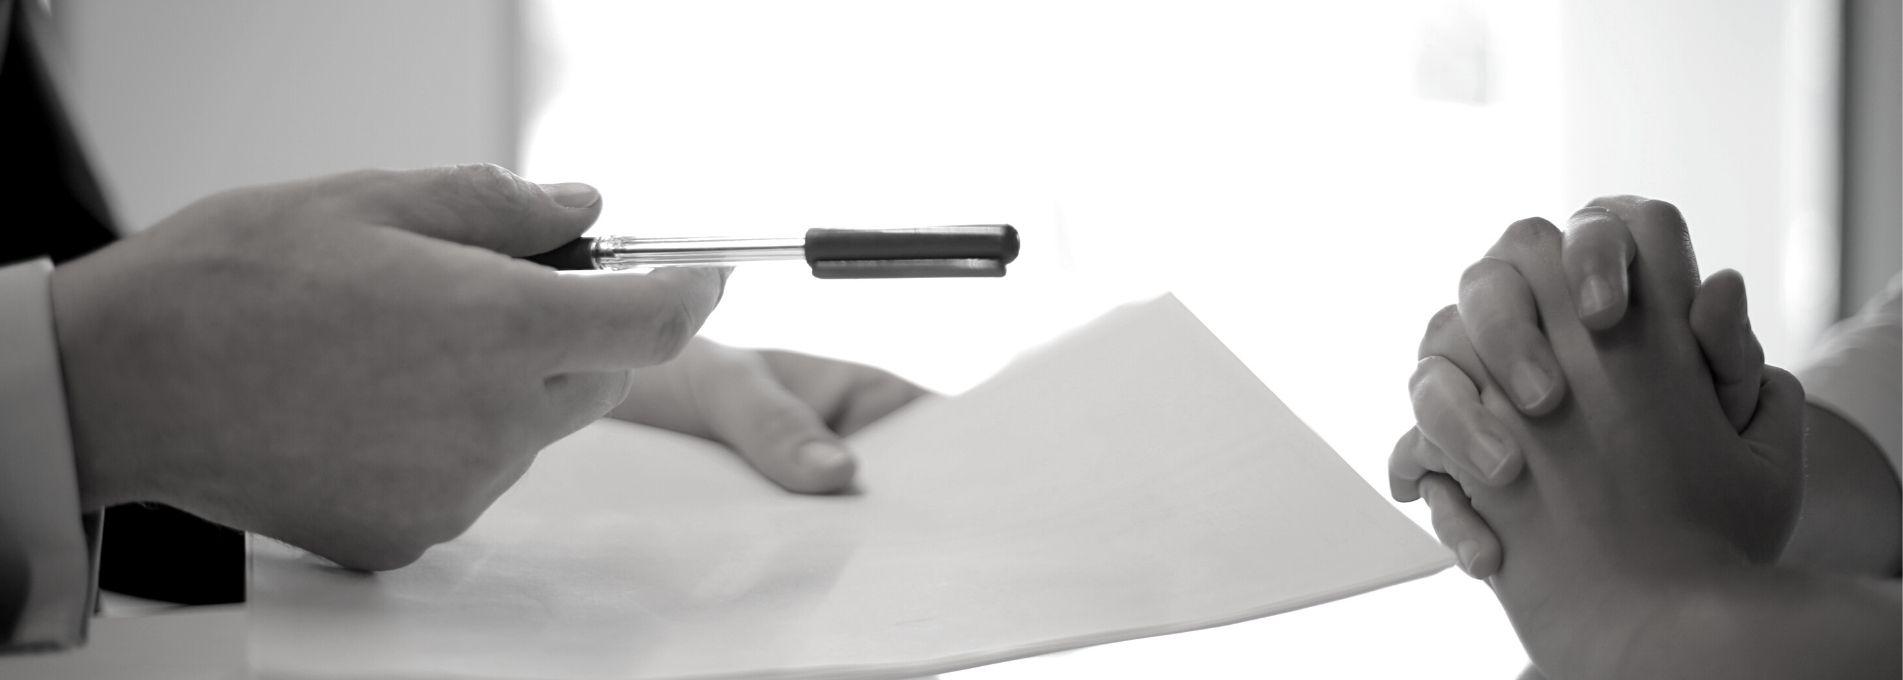 Assurance-obsèque : la CNCEF Assurance pour le renforcement des bonnes pratiques